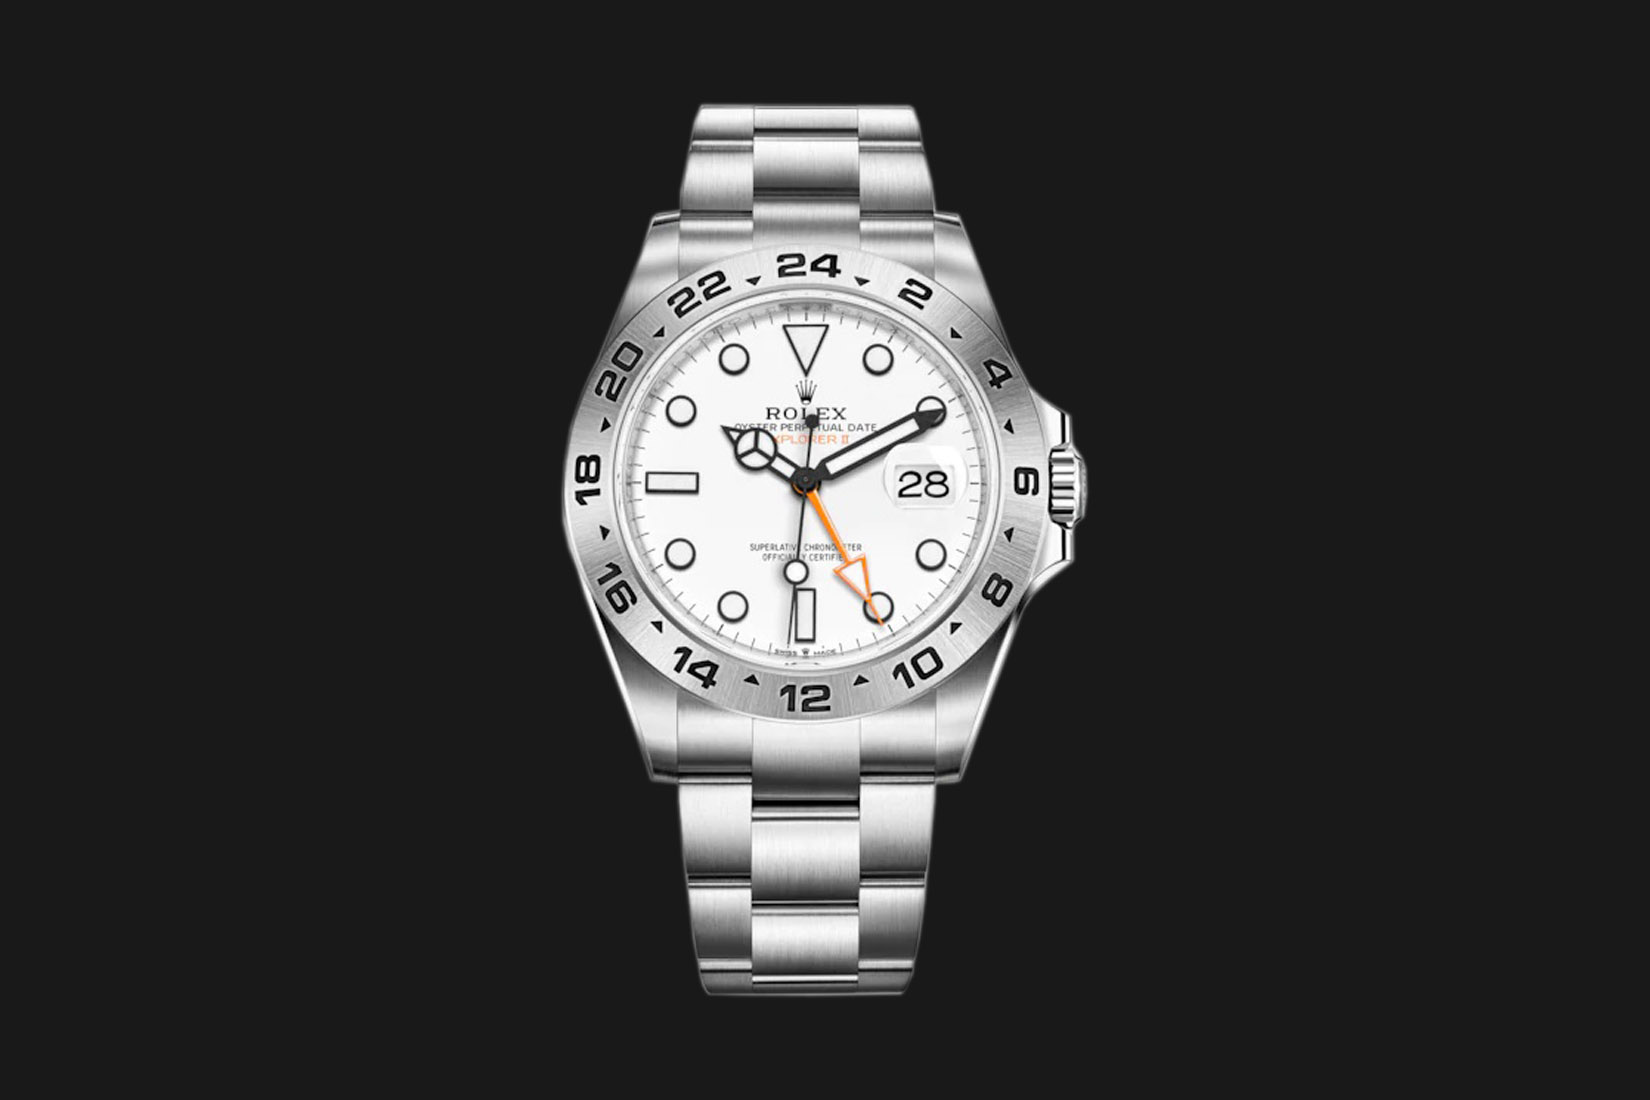 best luxury watch rolex explorer ii ref. 216570 Luxe Digital